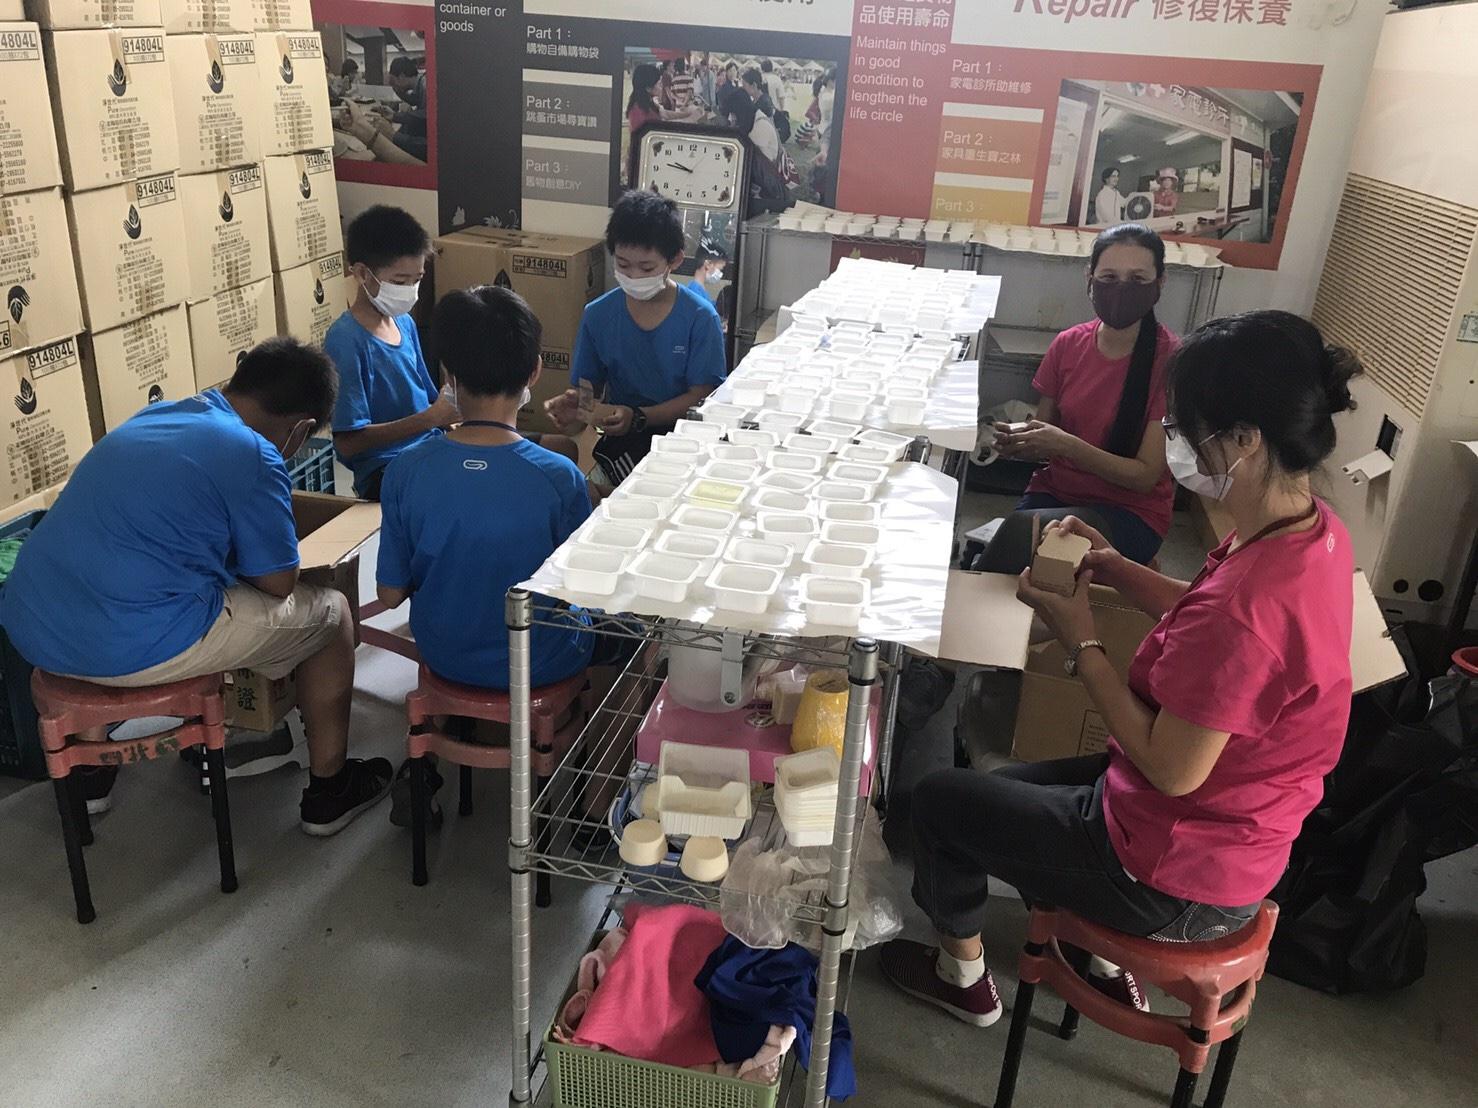 中市「回收學園」計畫反映佳 今年持續招募學生志工